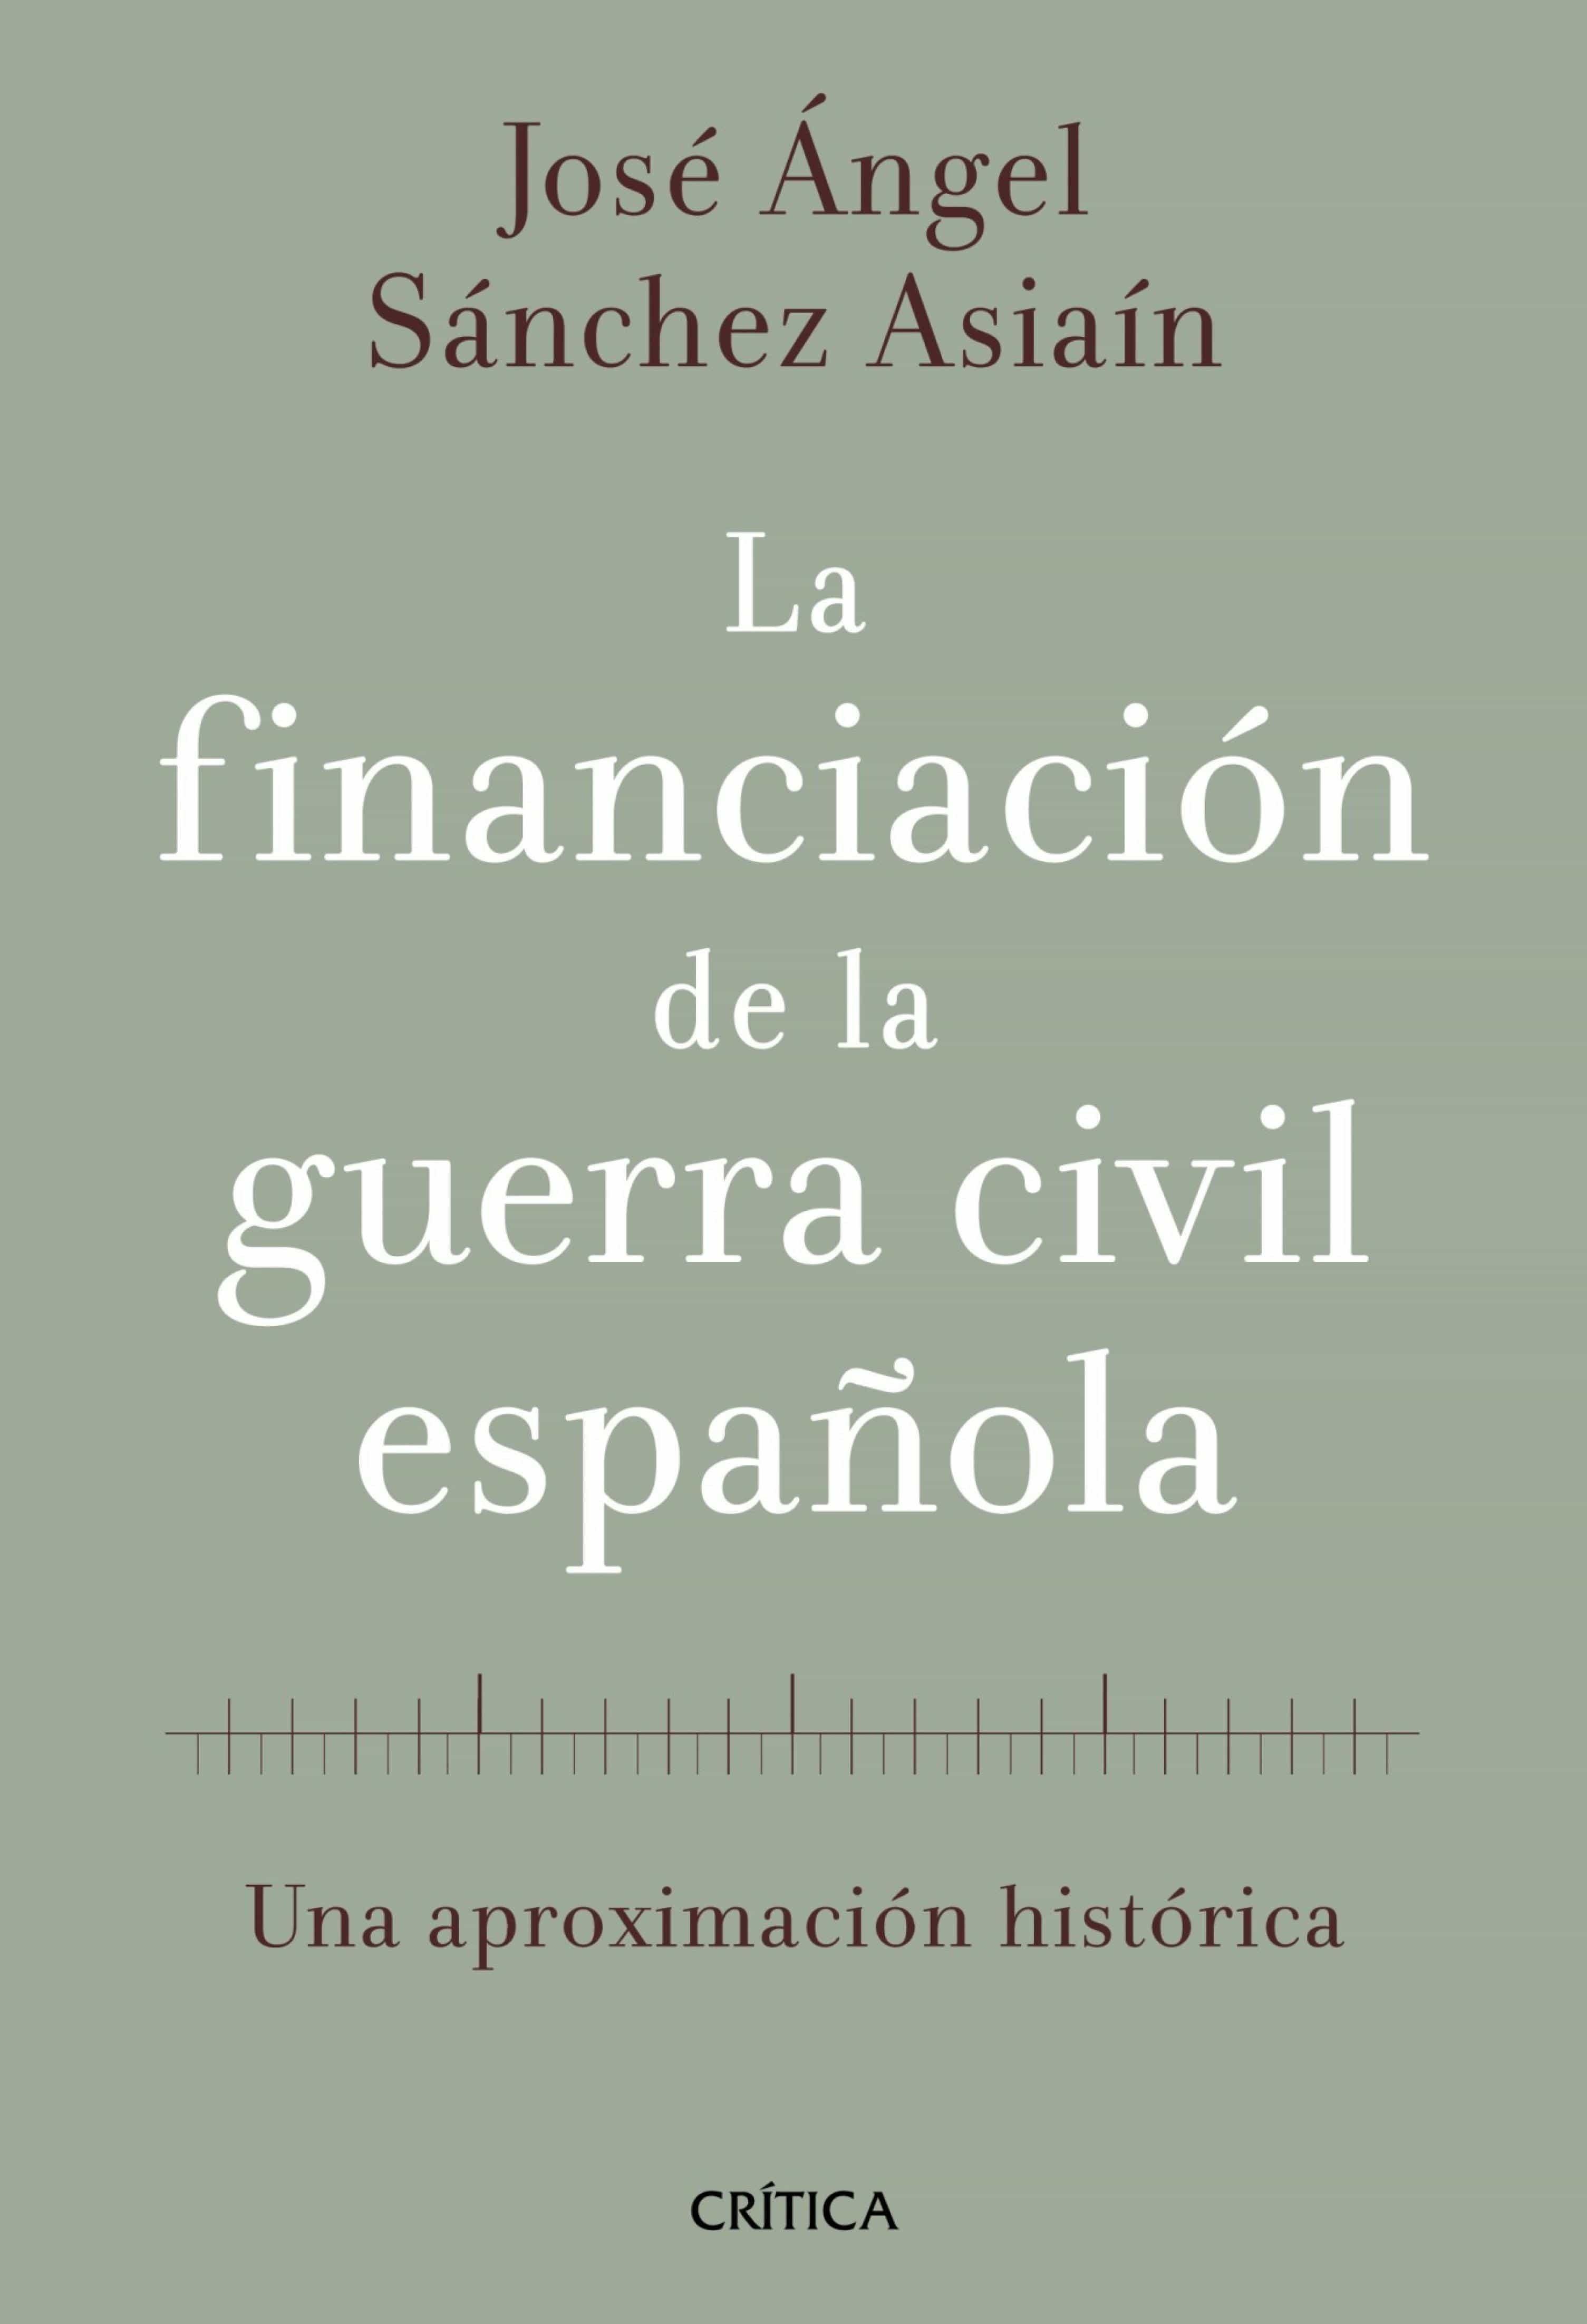 La Financiación De La Guerra Civil Española   por Jose Angel Sanchez Asiain epub